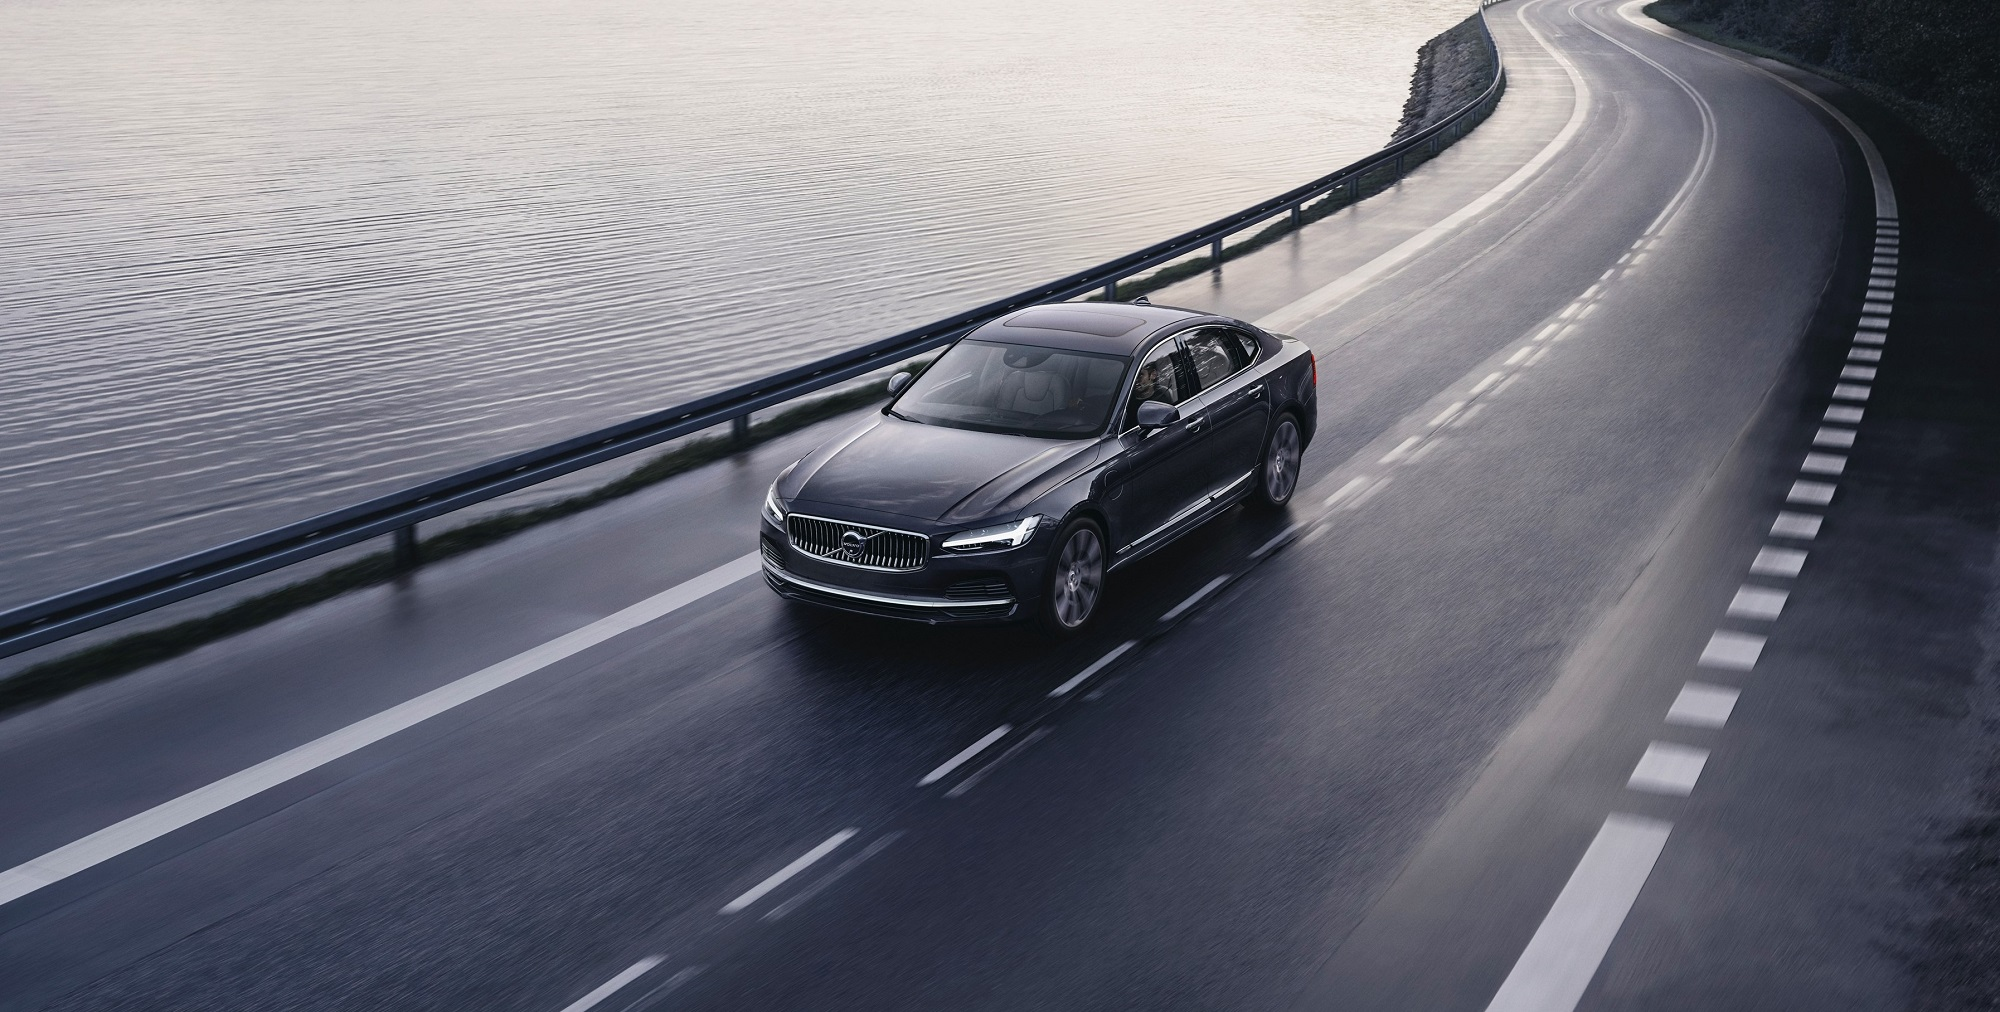 Vozidlá Volvo dostanú špeciálne kľúče na obmedzenie rýchlosti